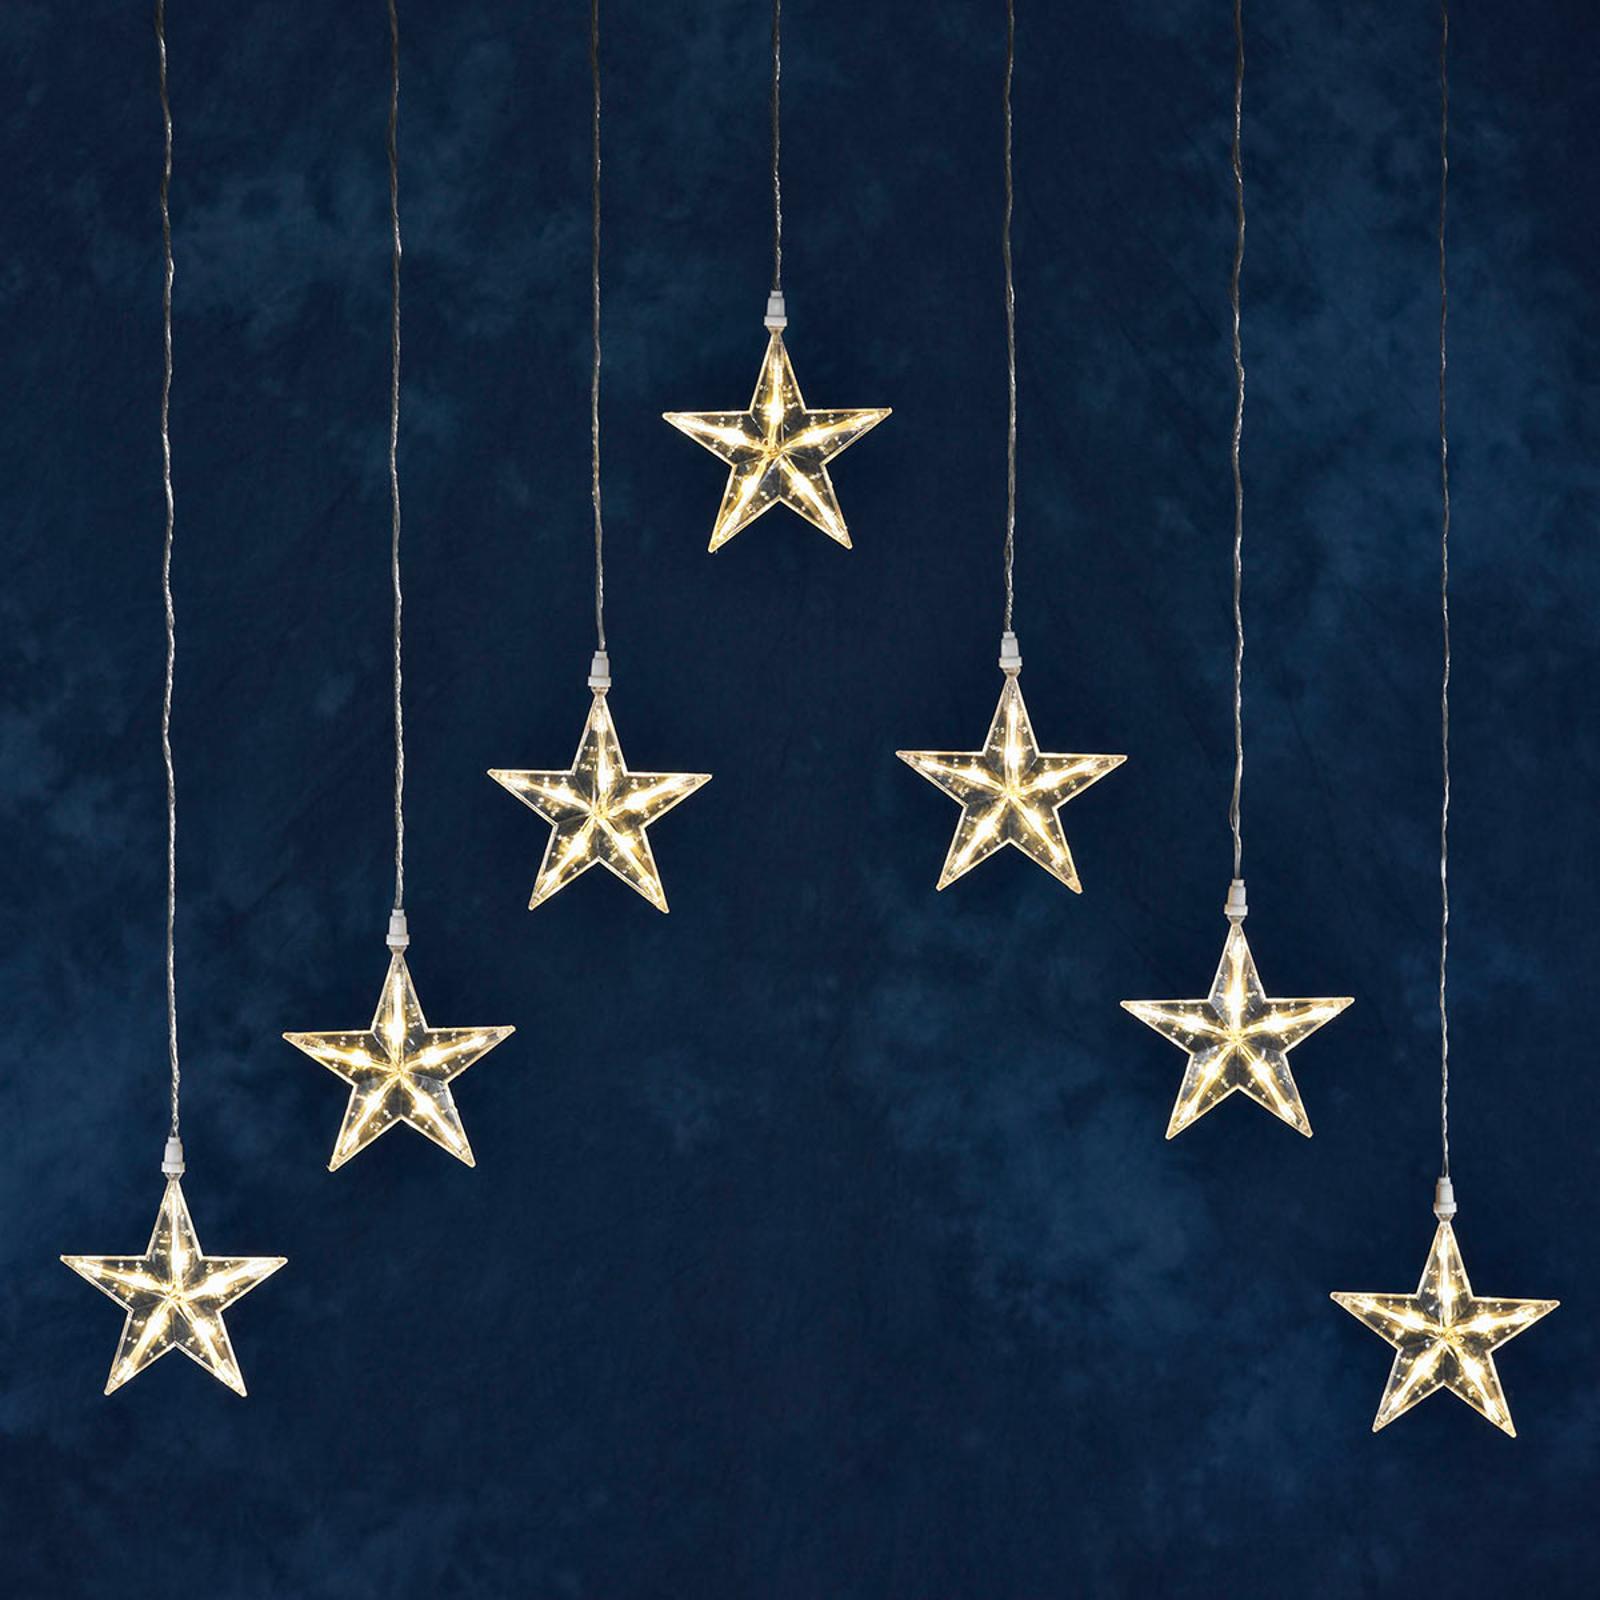 Lichtervorhang LED mit 7 Sternen, warmweiß